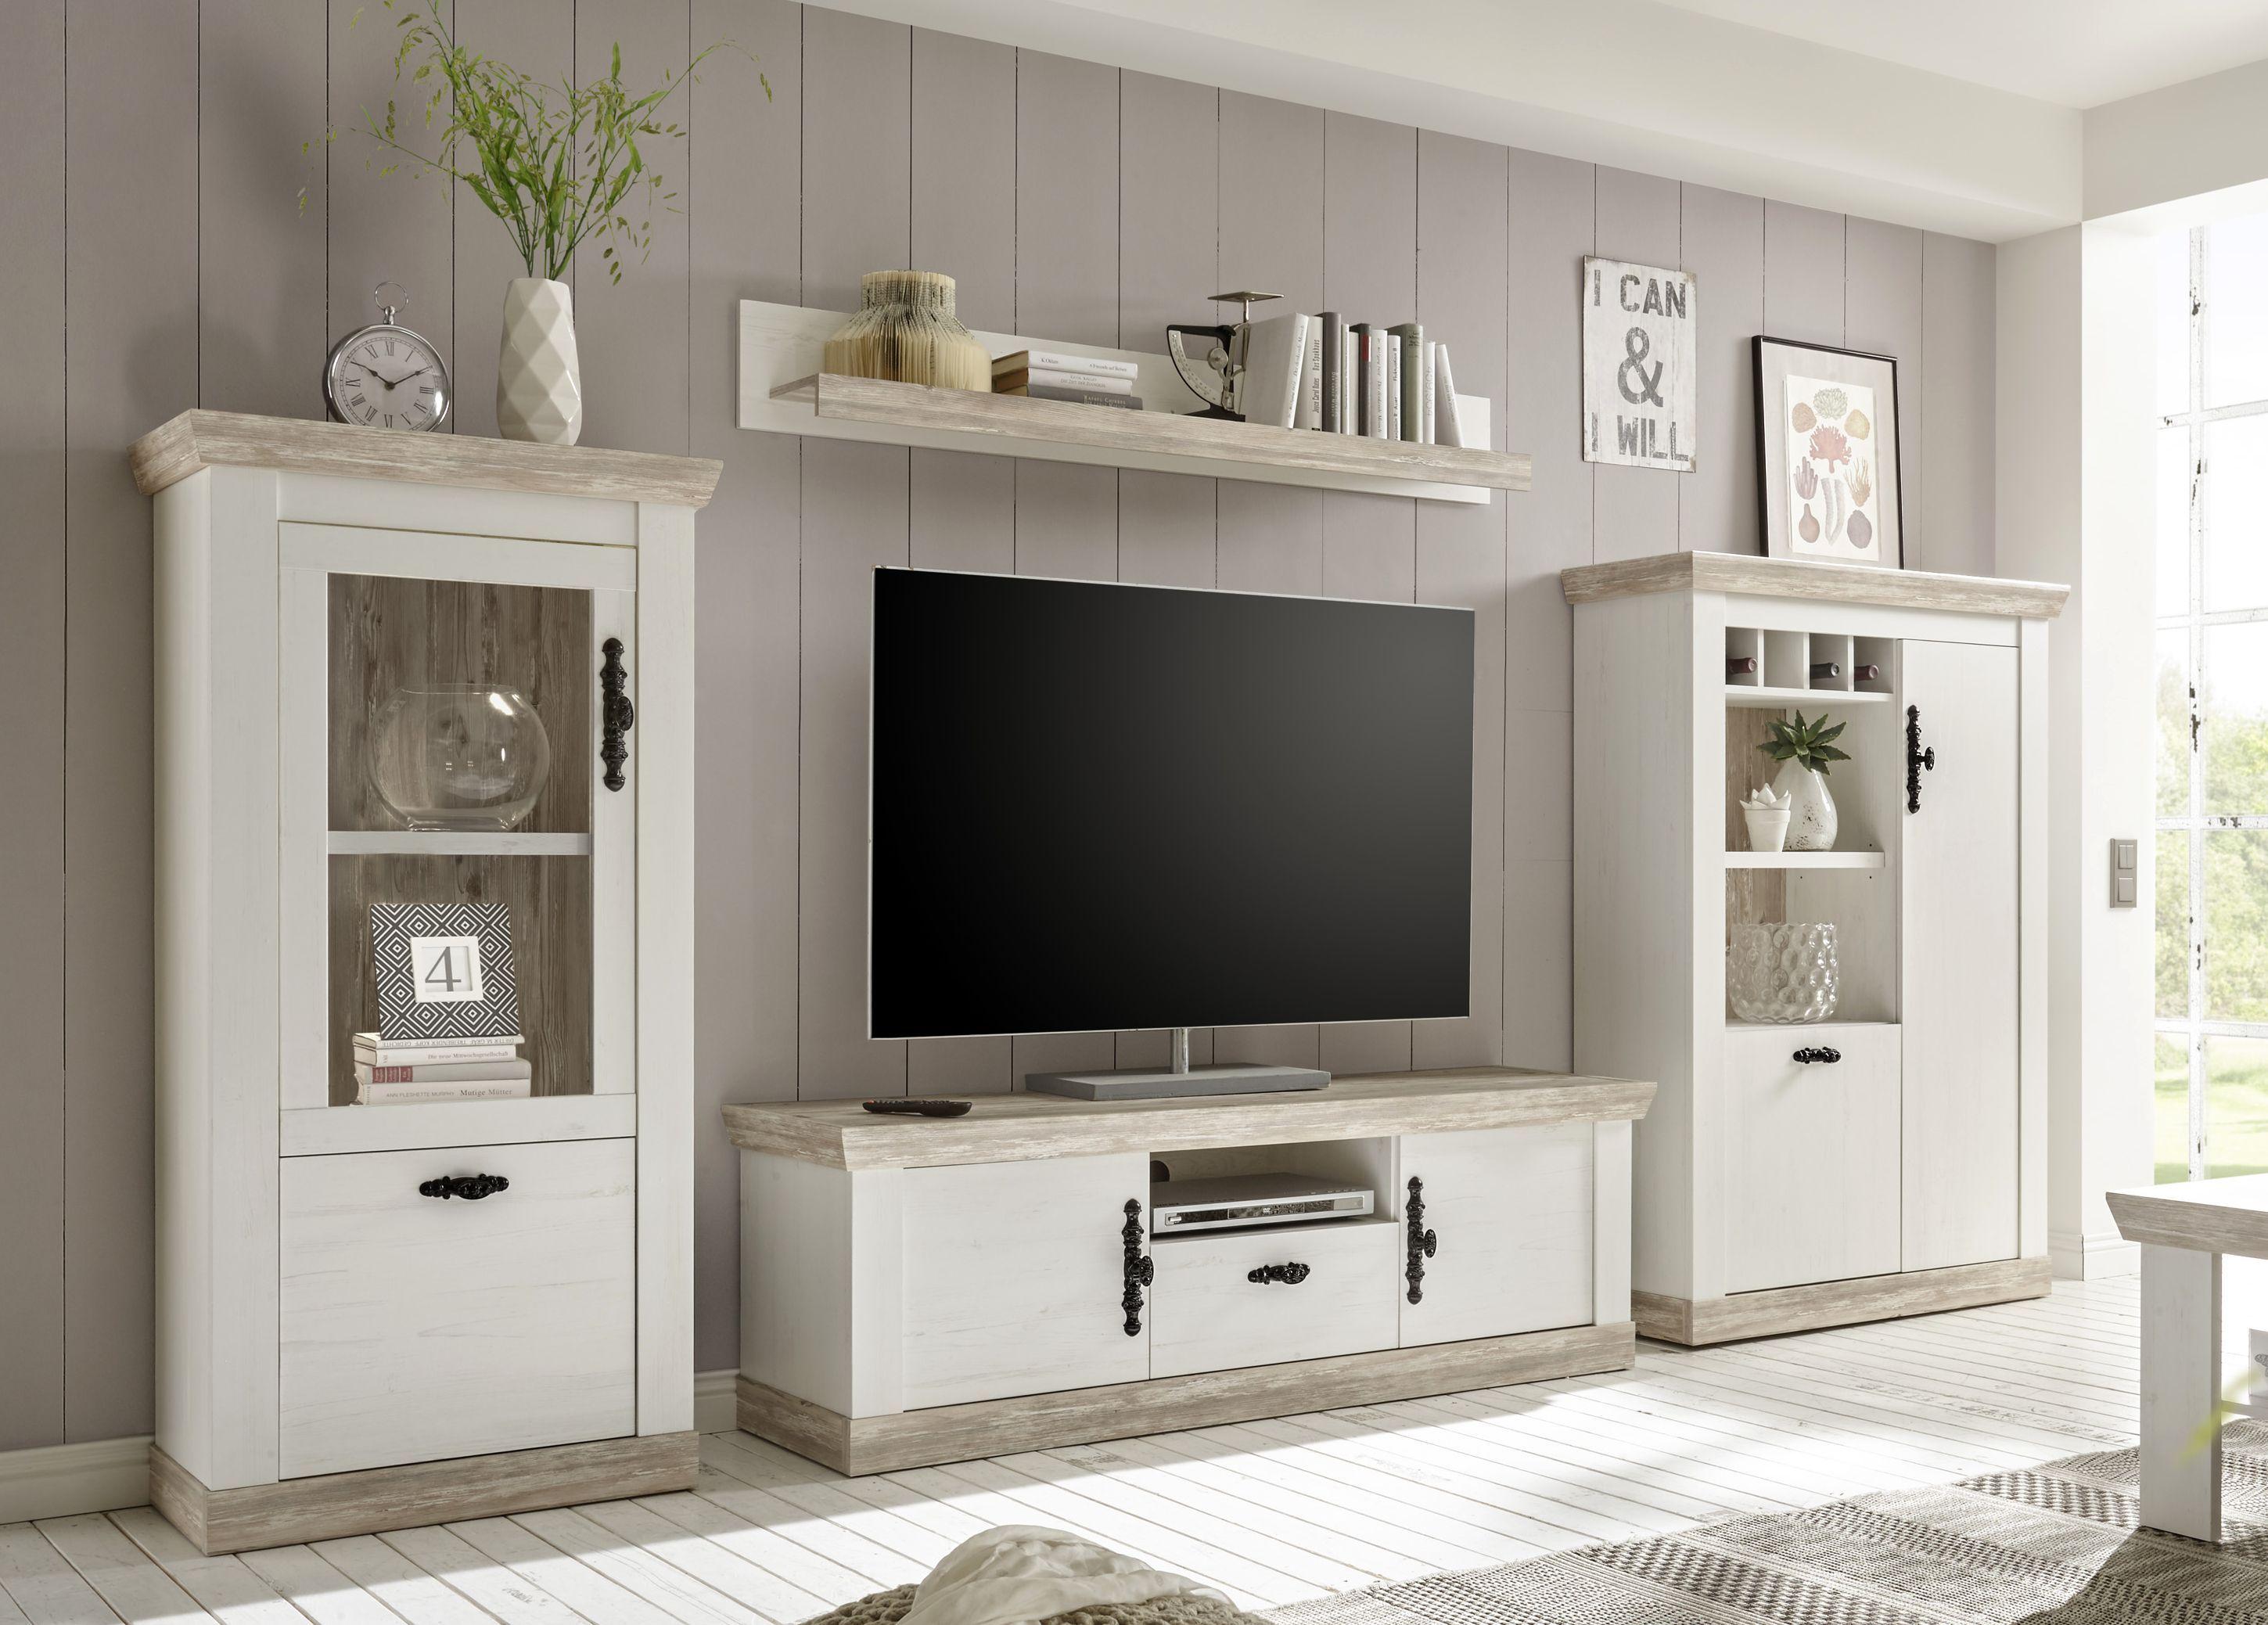 Florenzia F10 Wohnwand Ohne Beleuchtung  Möbel wohnzimmer